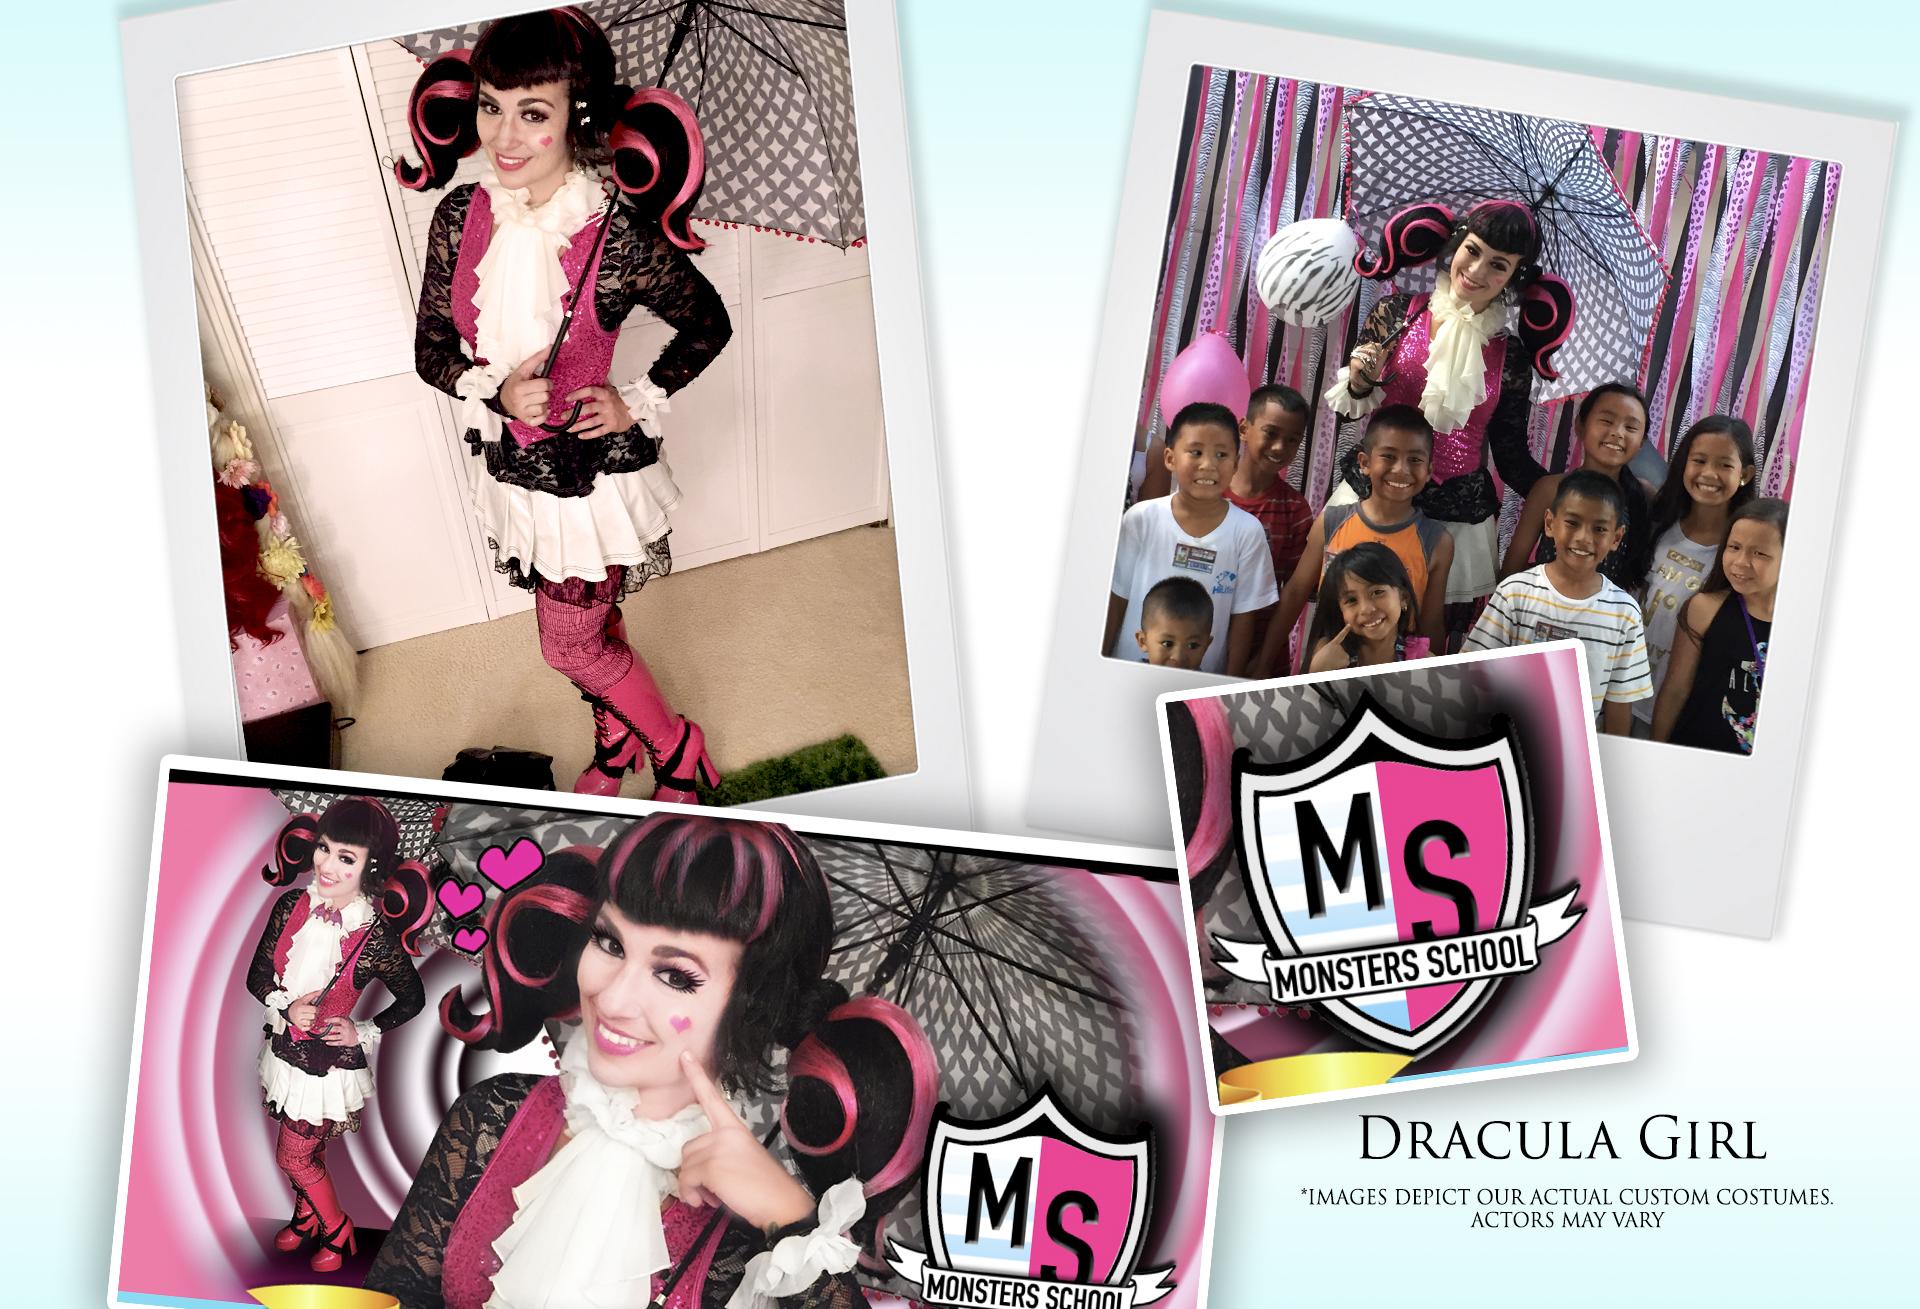 Dracula Girl